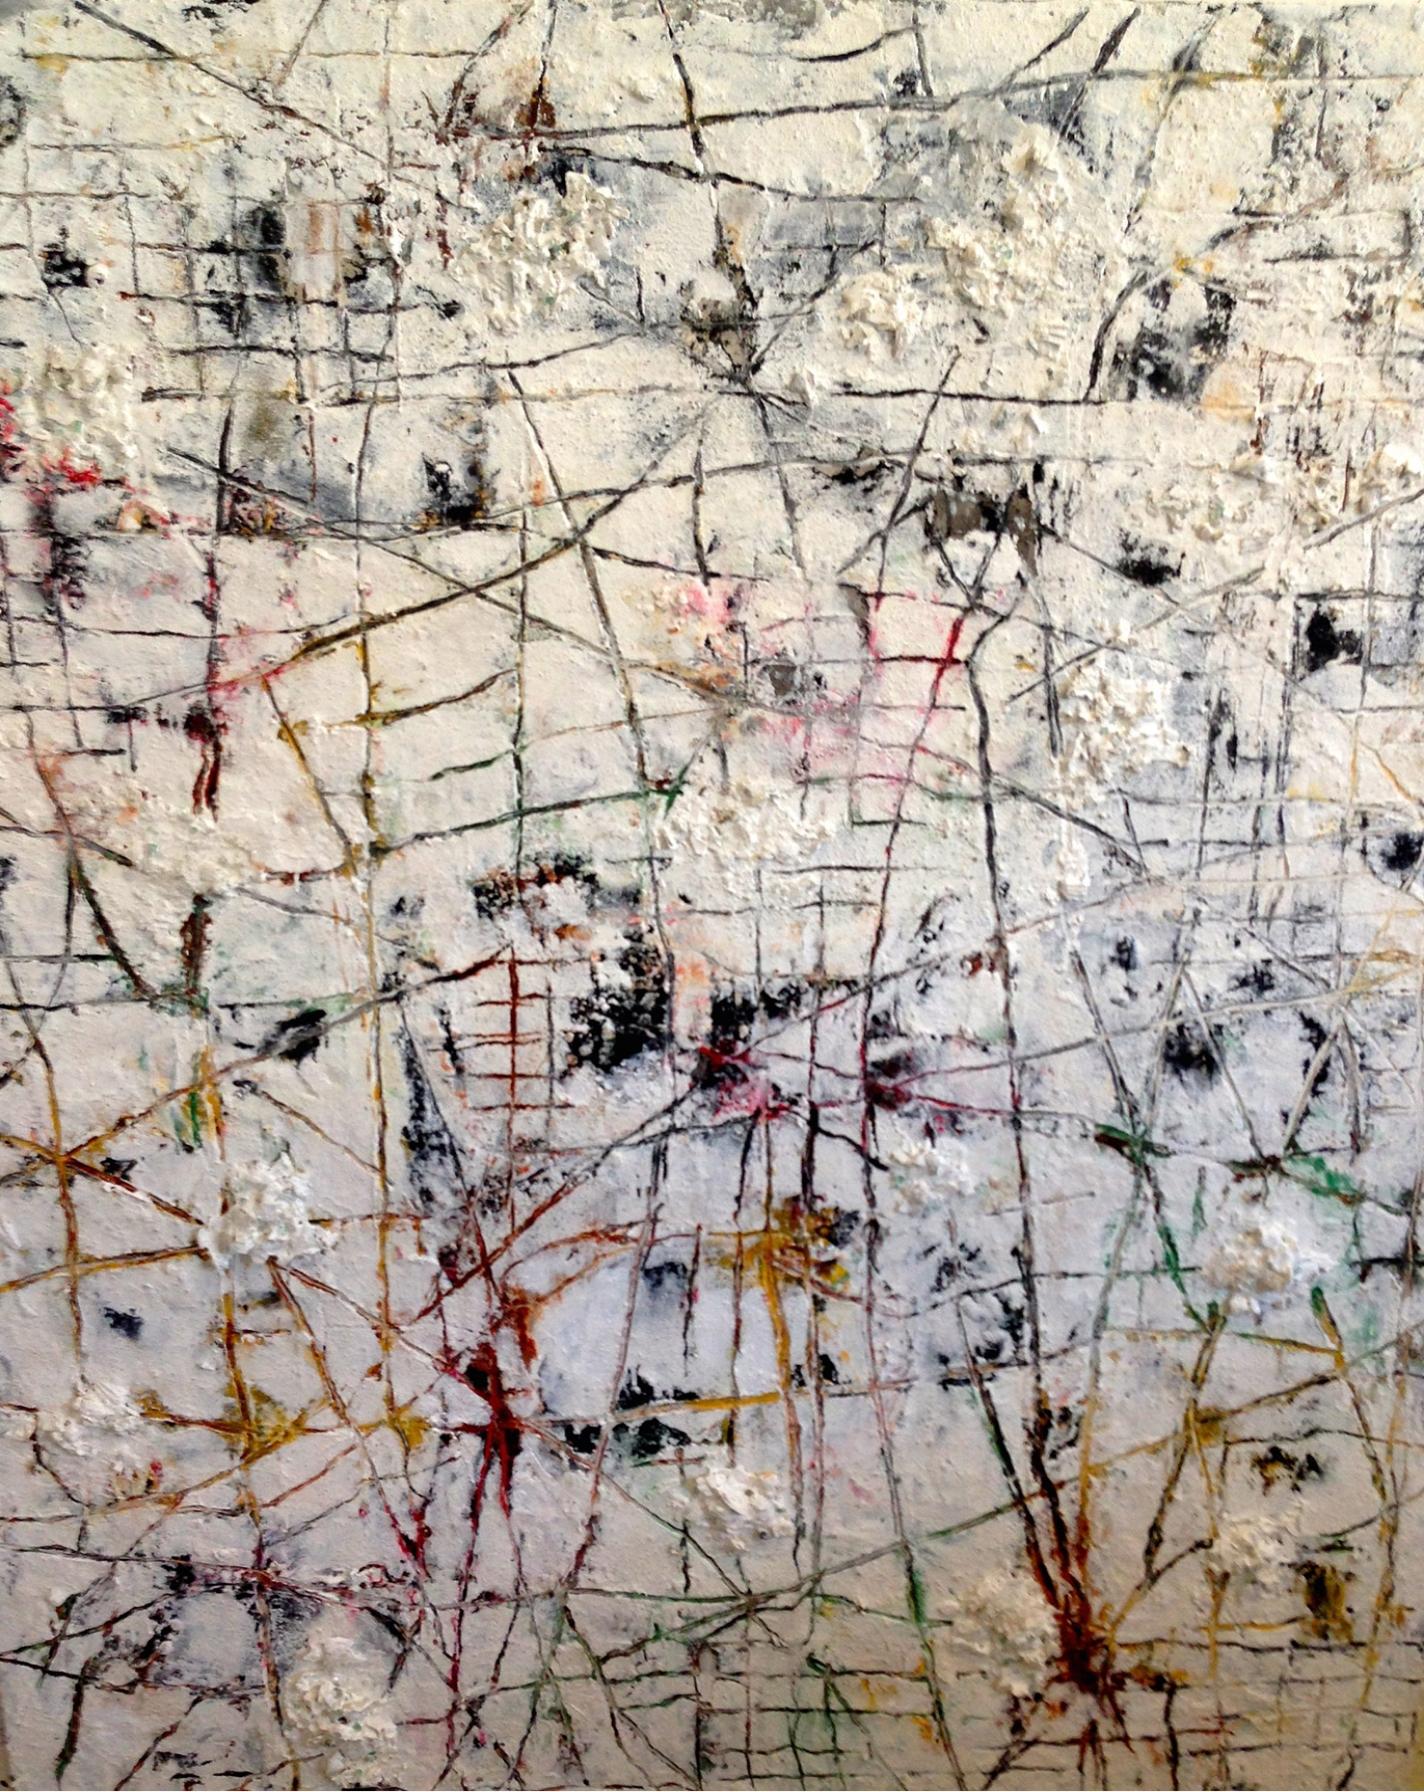 Autumn Rivulets  Oil, wax, sand, glass, seashells, fiberglass mesh stencil and quartz on panel 48 x 60 in/121.9 x 152.4 cm